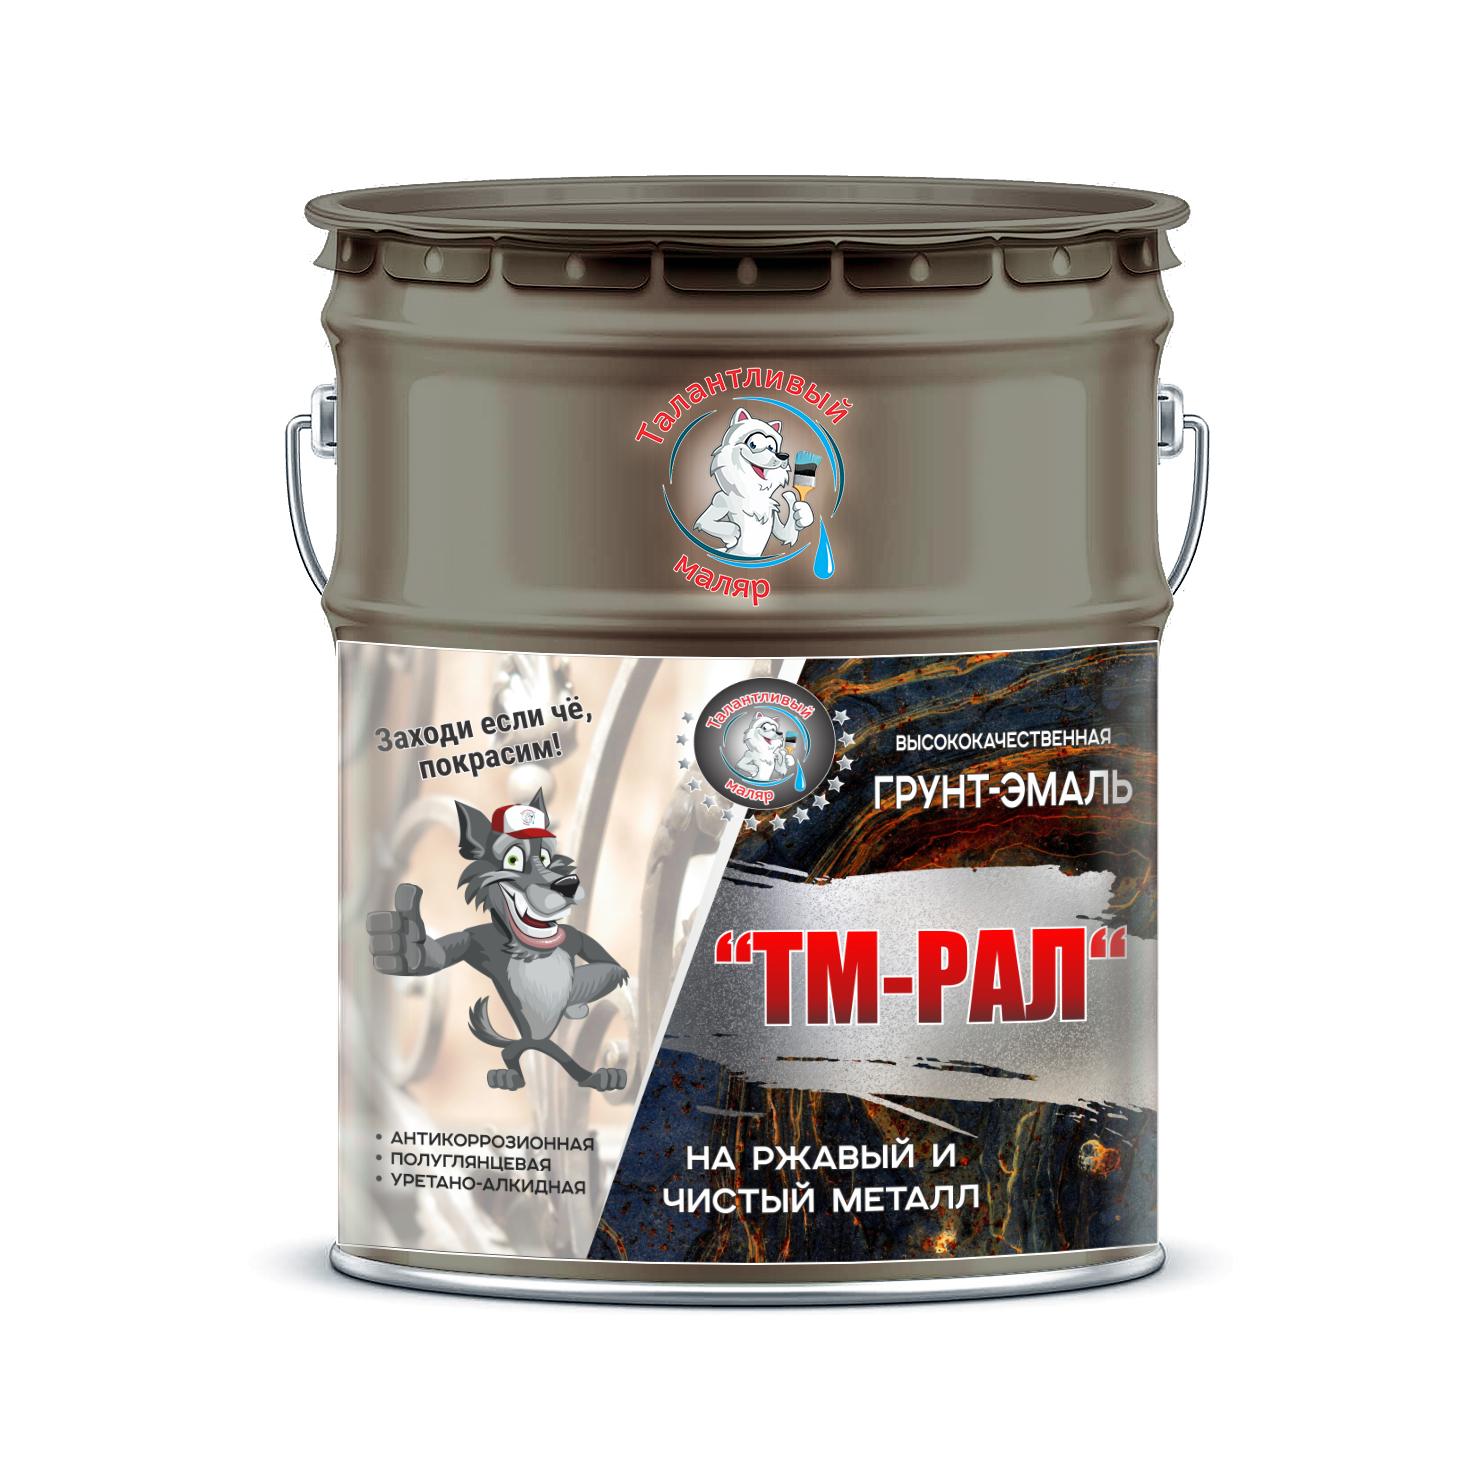 """Фото 21 - TM7030 Грунт-Эмаль """"ТМ РАЛ"""" уретано-алкидная 3 в 1 цвет RAL 7030 Серый камень, антикоррозионная,  полуглянцевая для черных металлов, 20 кг """"Талантливый маляр""""."""